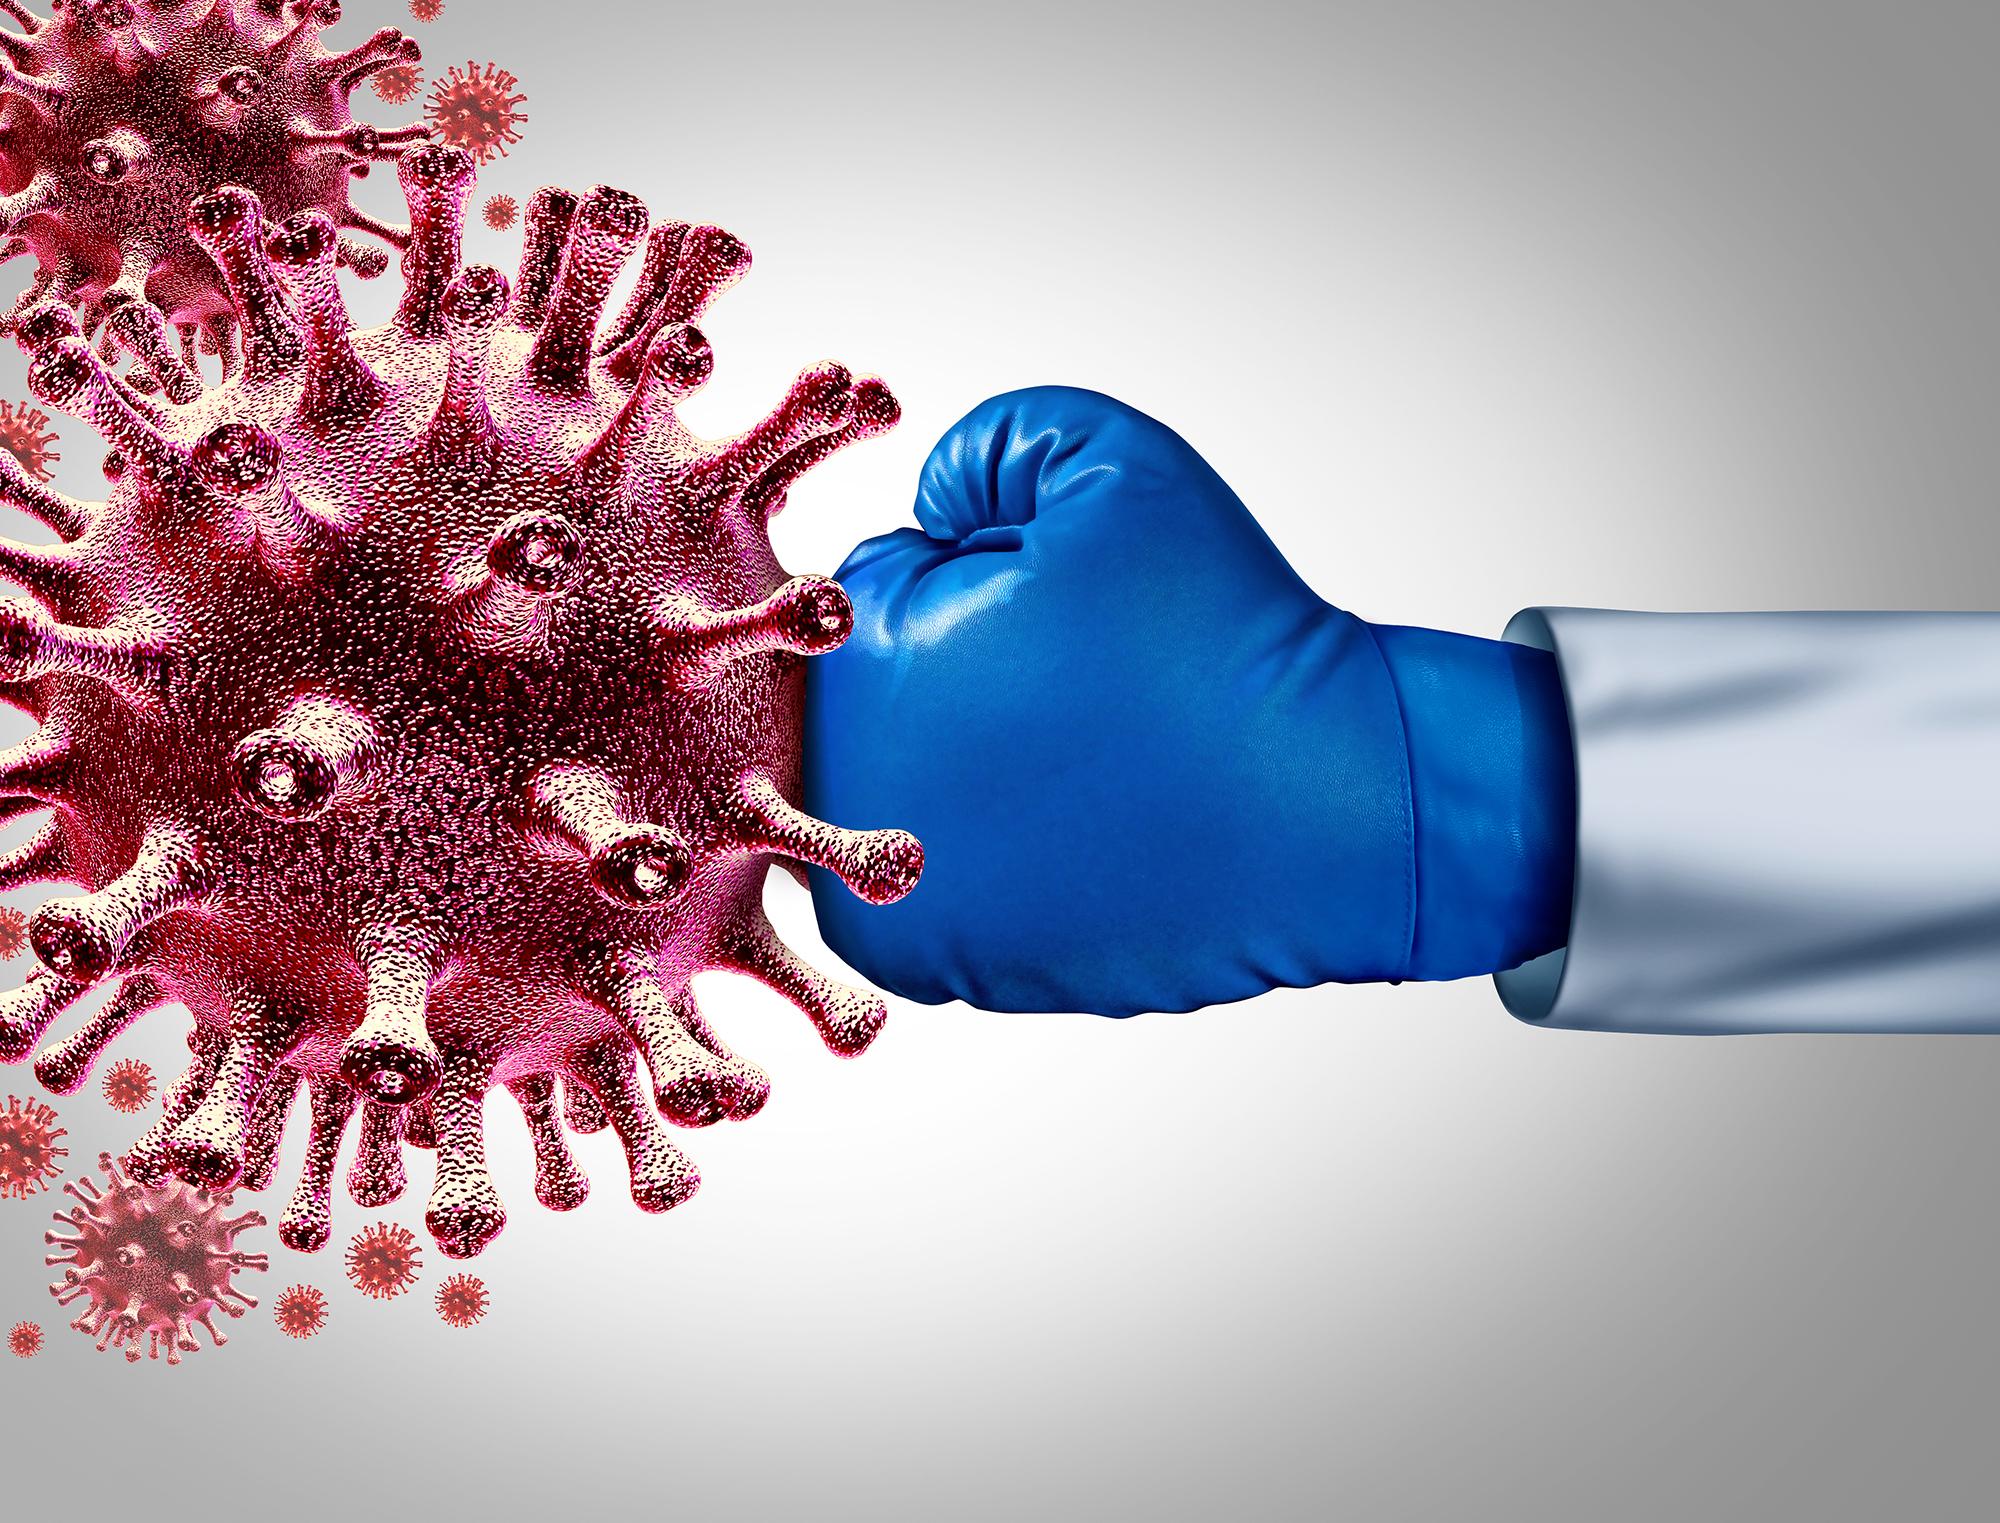 SARS-CoV-2: Die natürliche Immunität bleibt erhalten